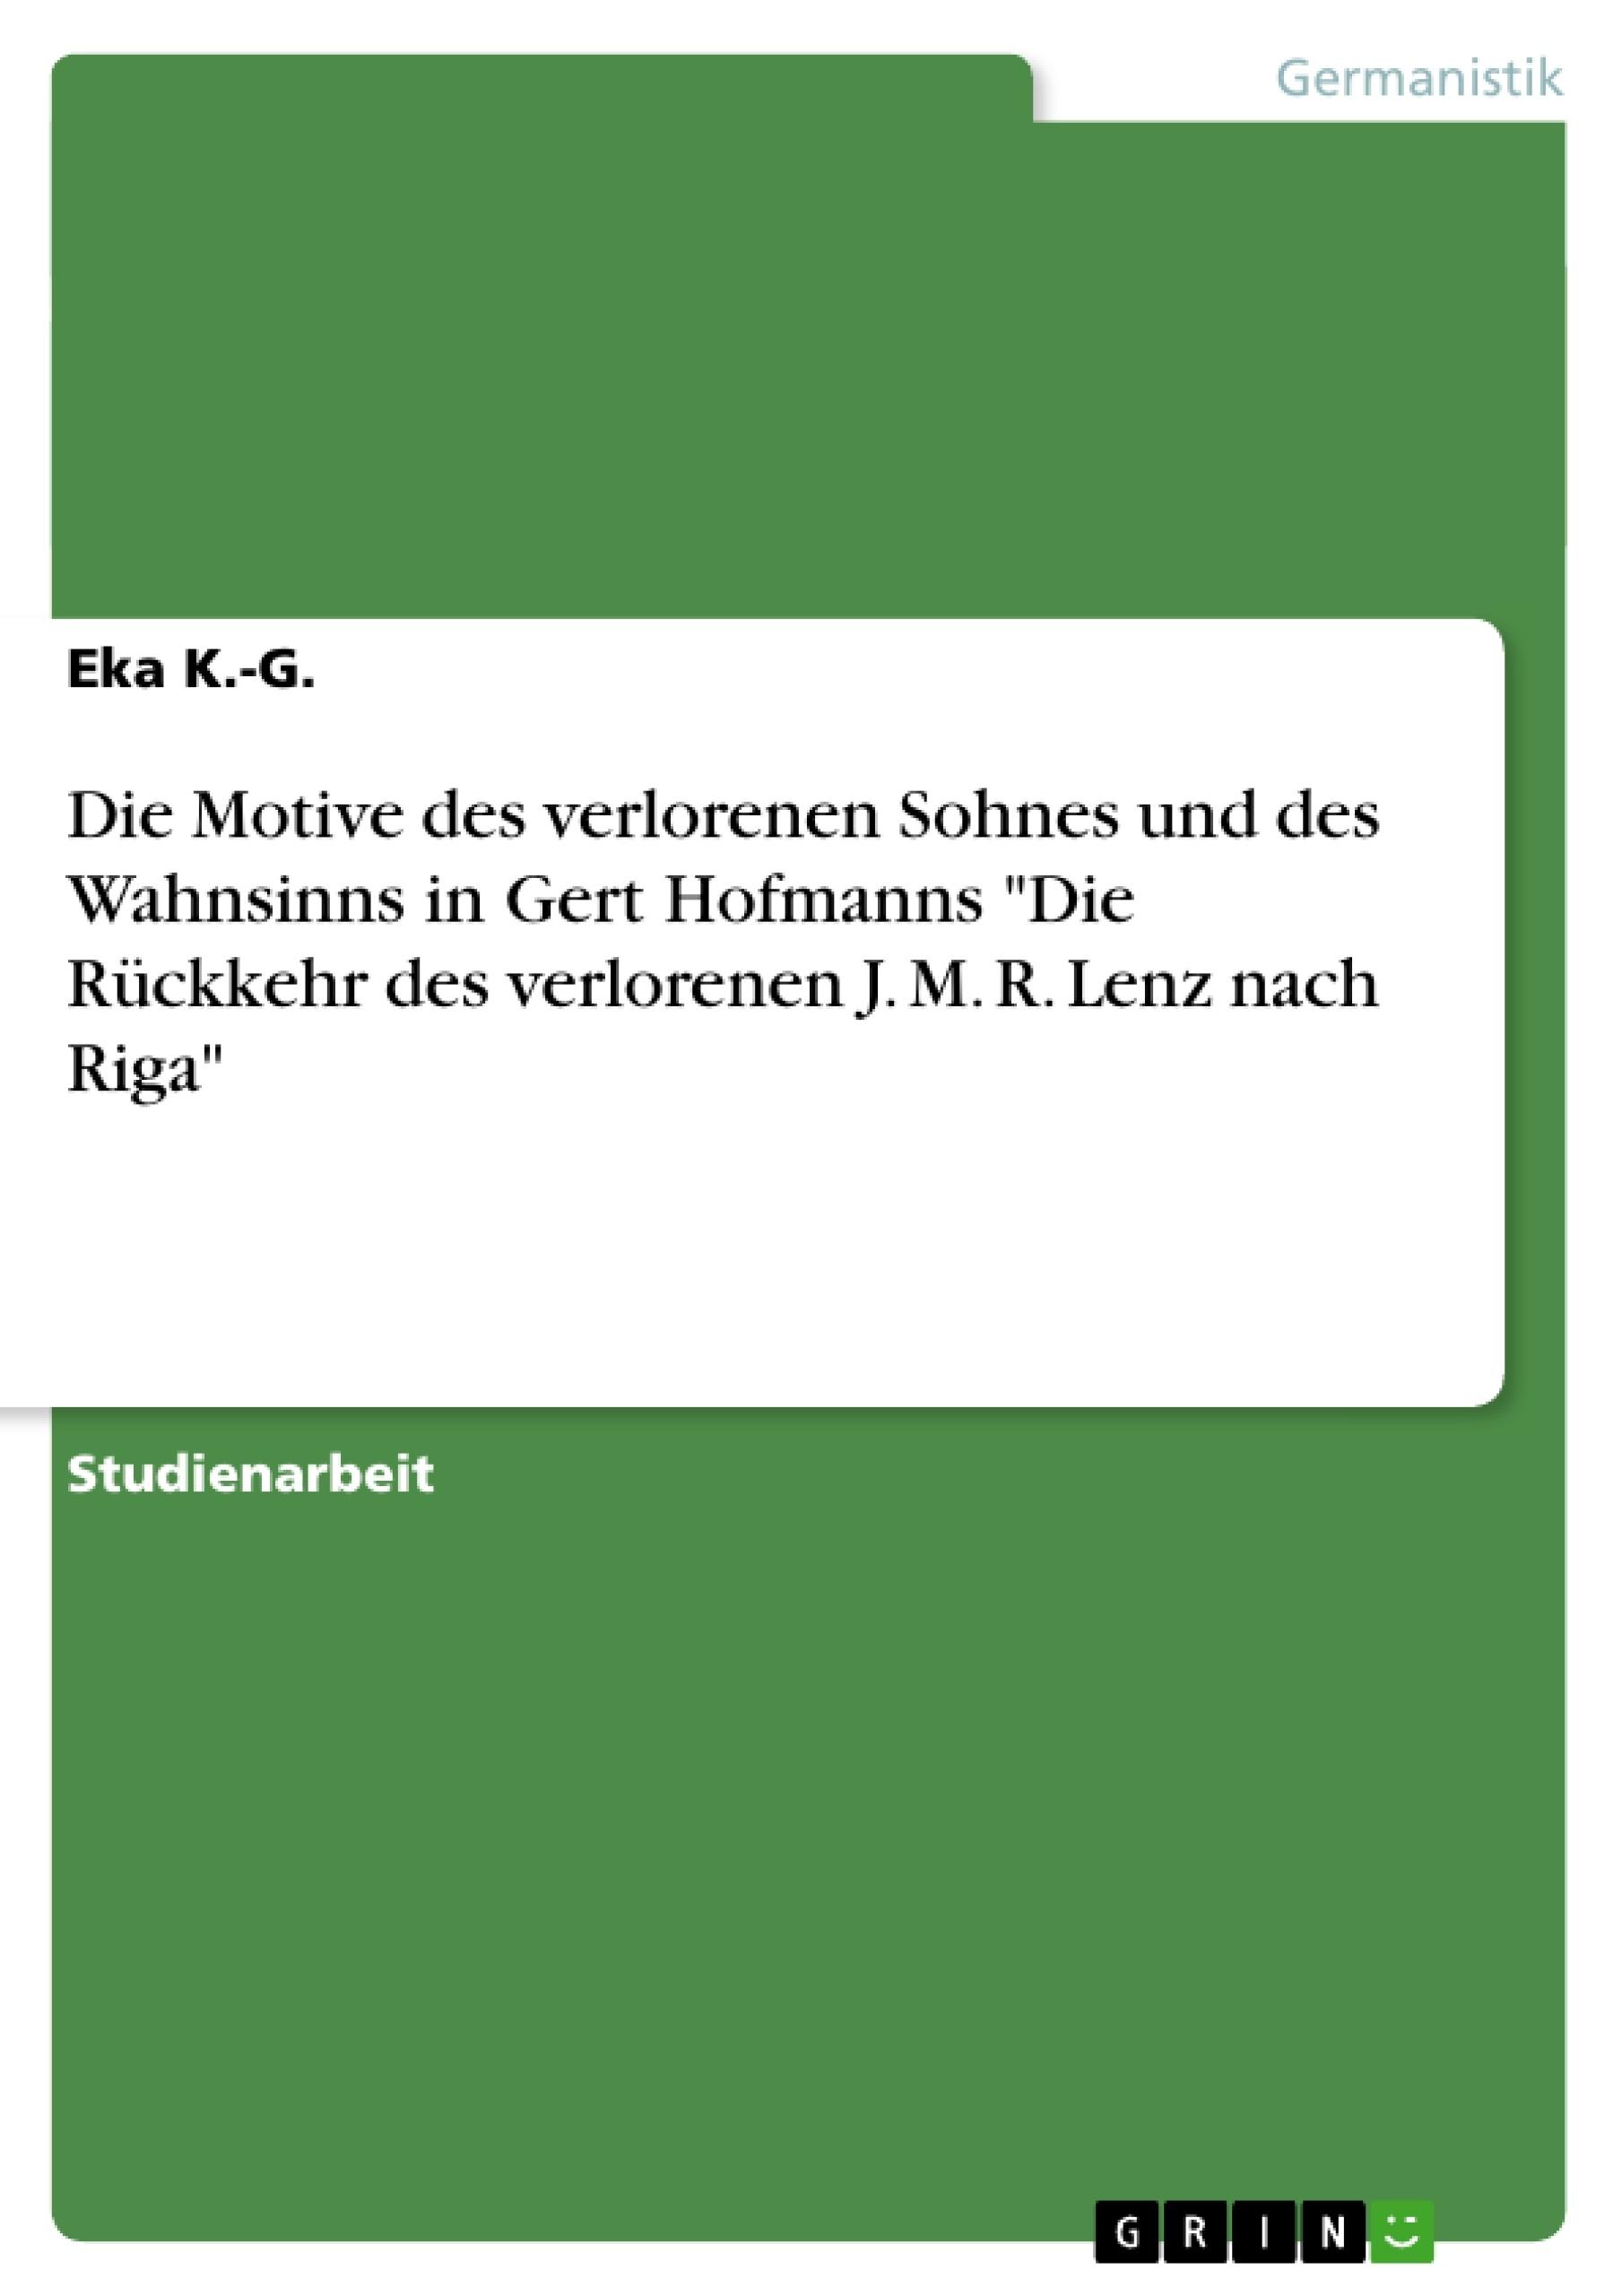 """Titel: Die Motive des verlorenen Sohnes und des Wahnsinns in Gert Hofmanns """"Die Rückkehr des verlorenen J. M. R. Lenz nach Riga"""""""